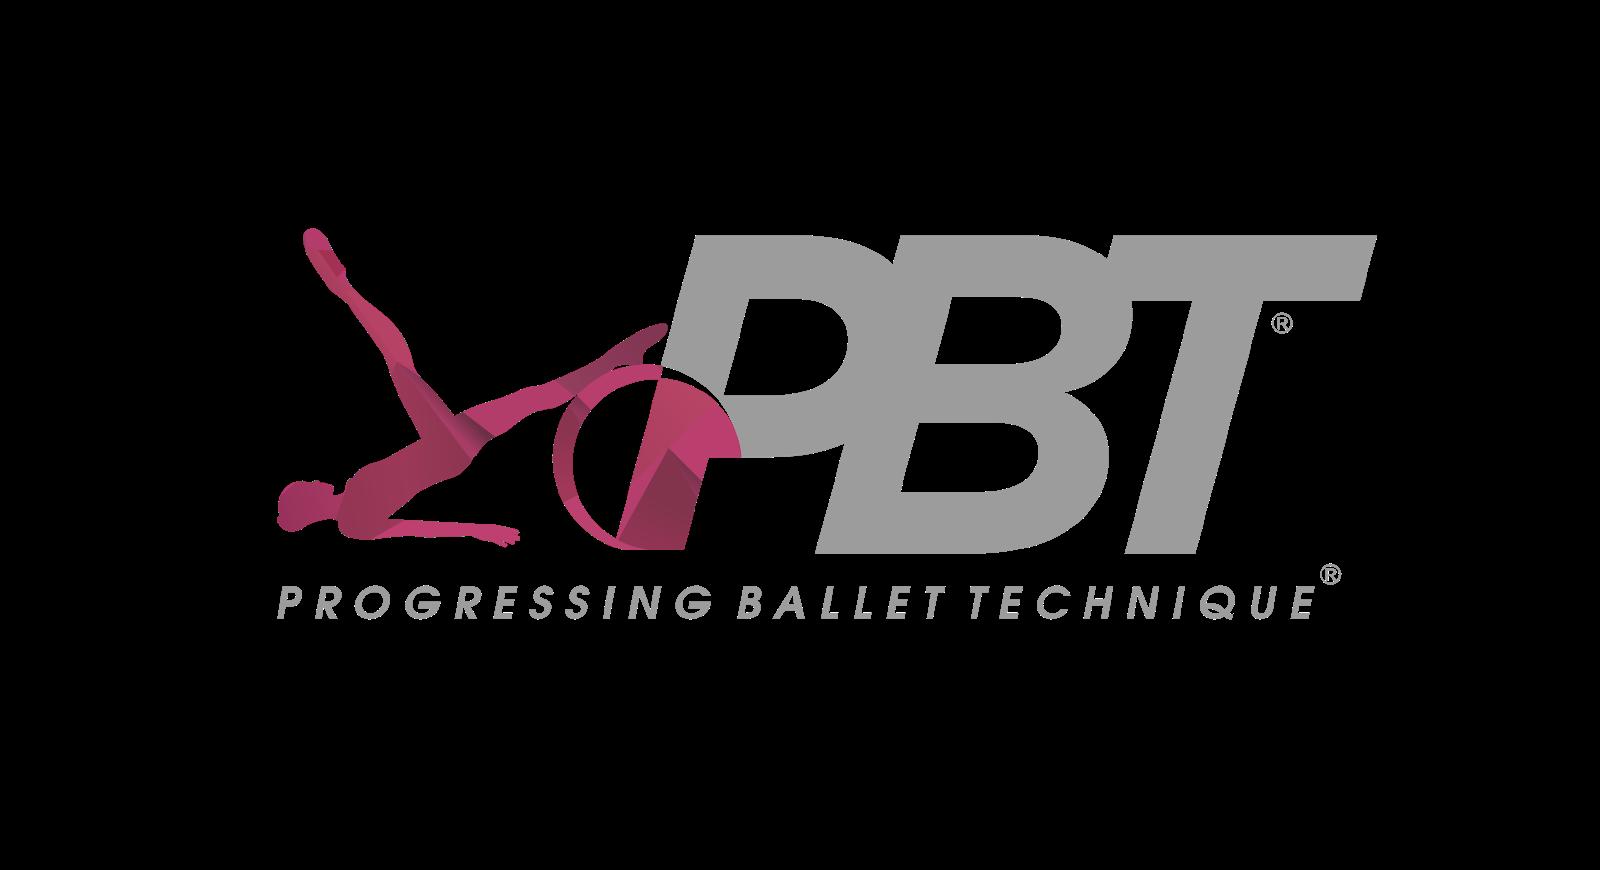 pbt+logo